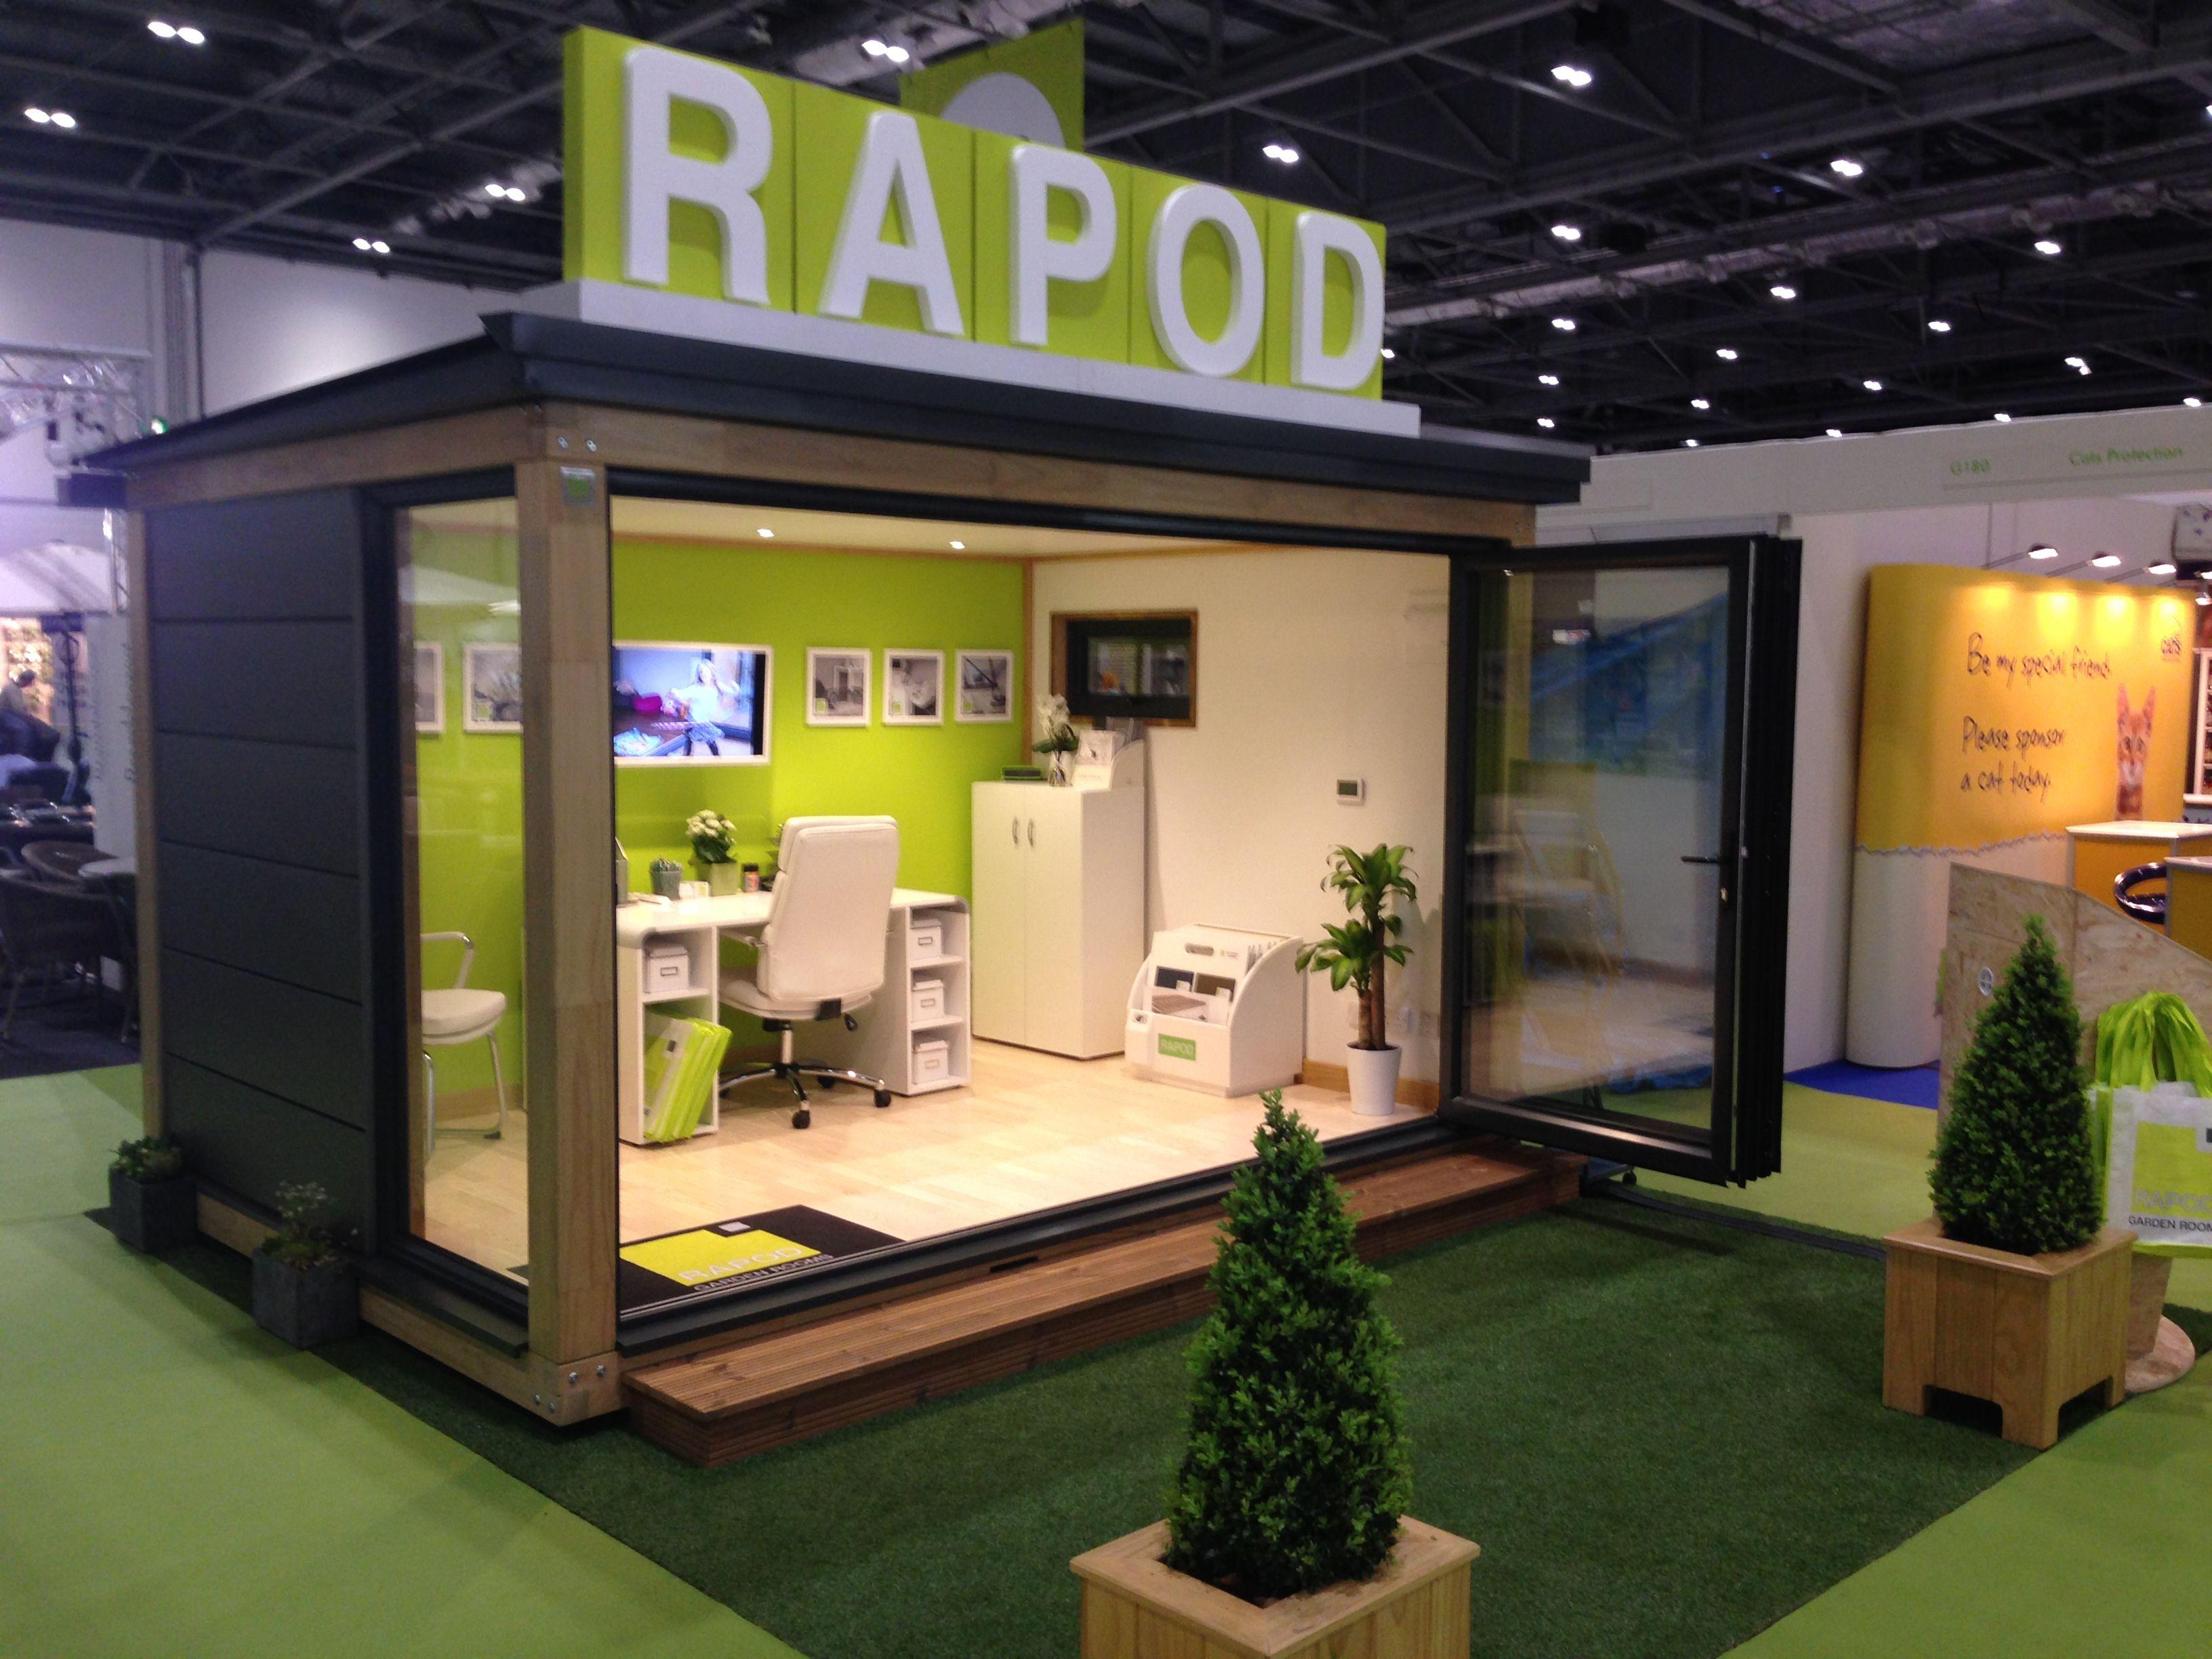 RAPOD Garden Room At Grand Designs Live 2014